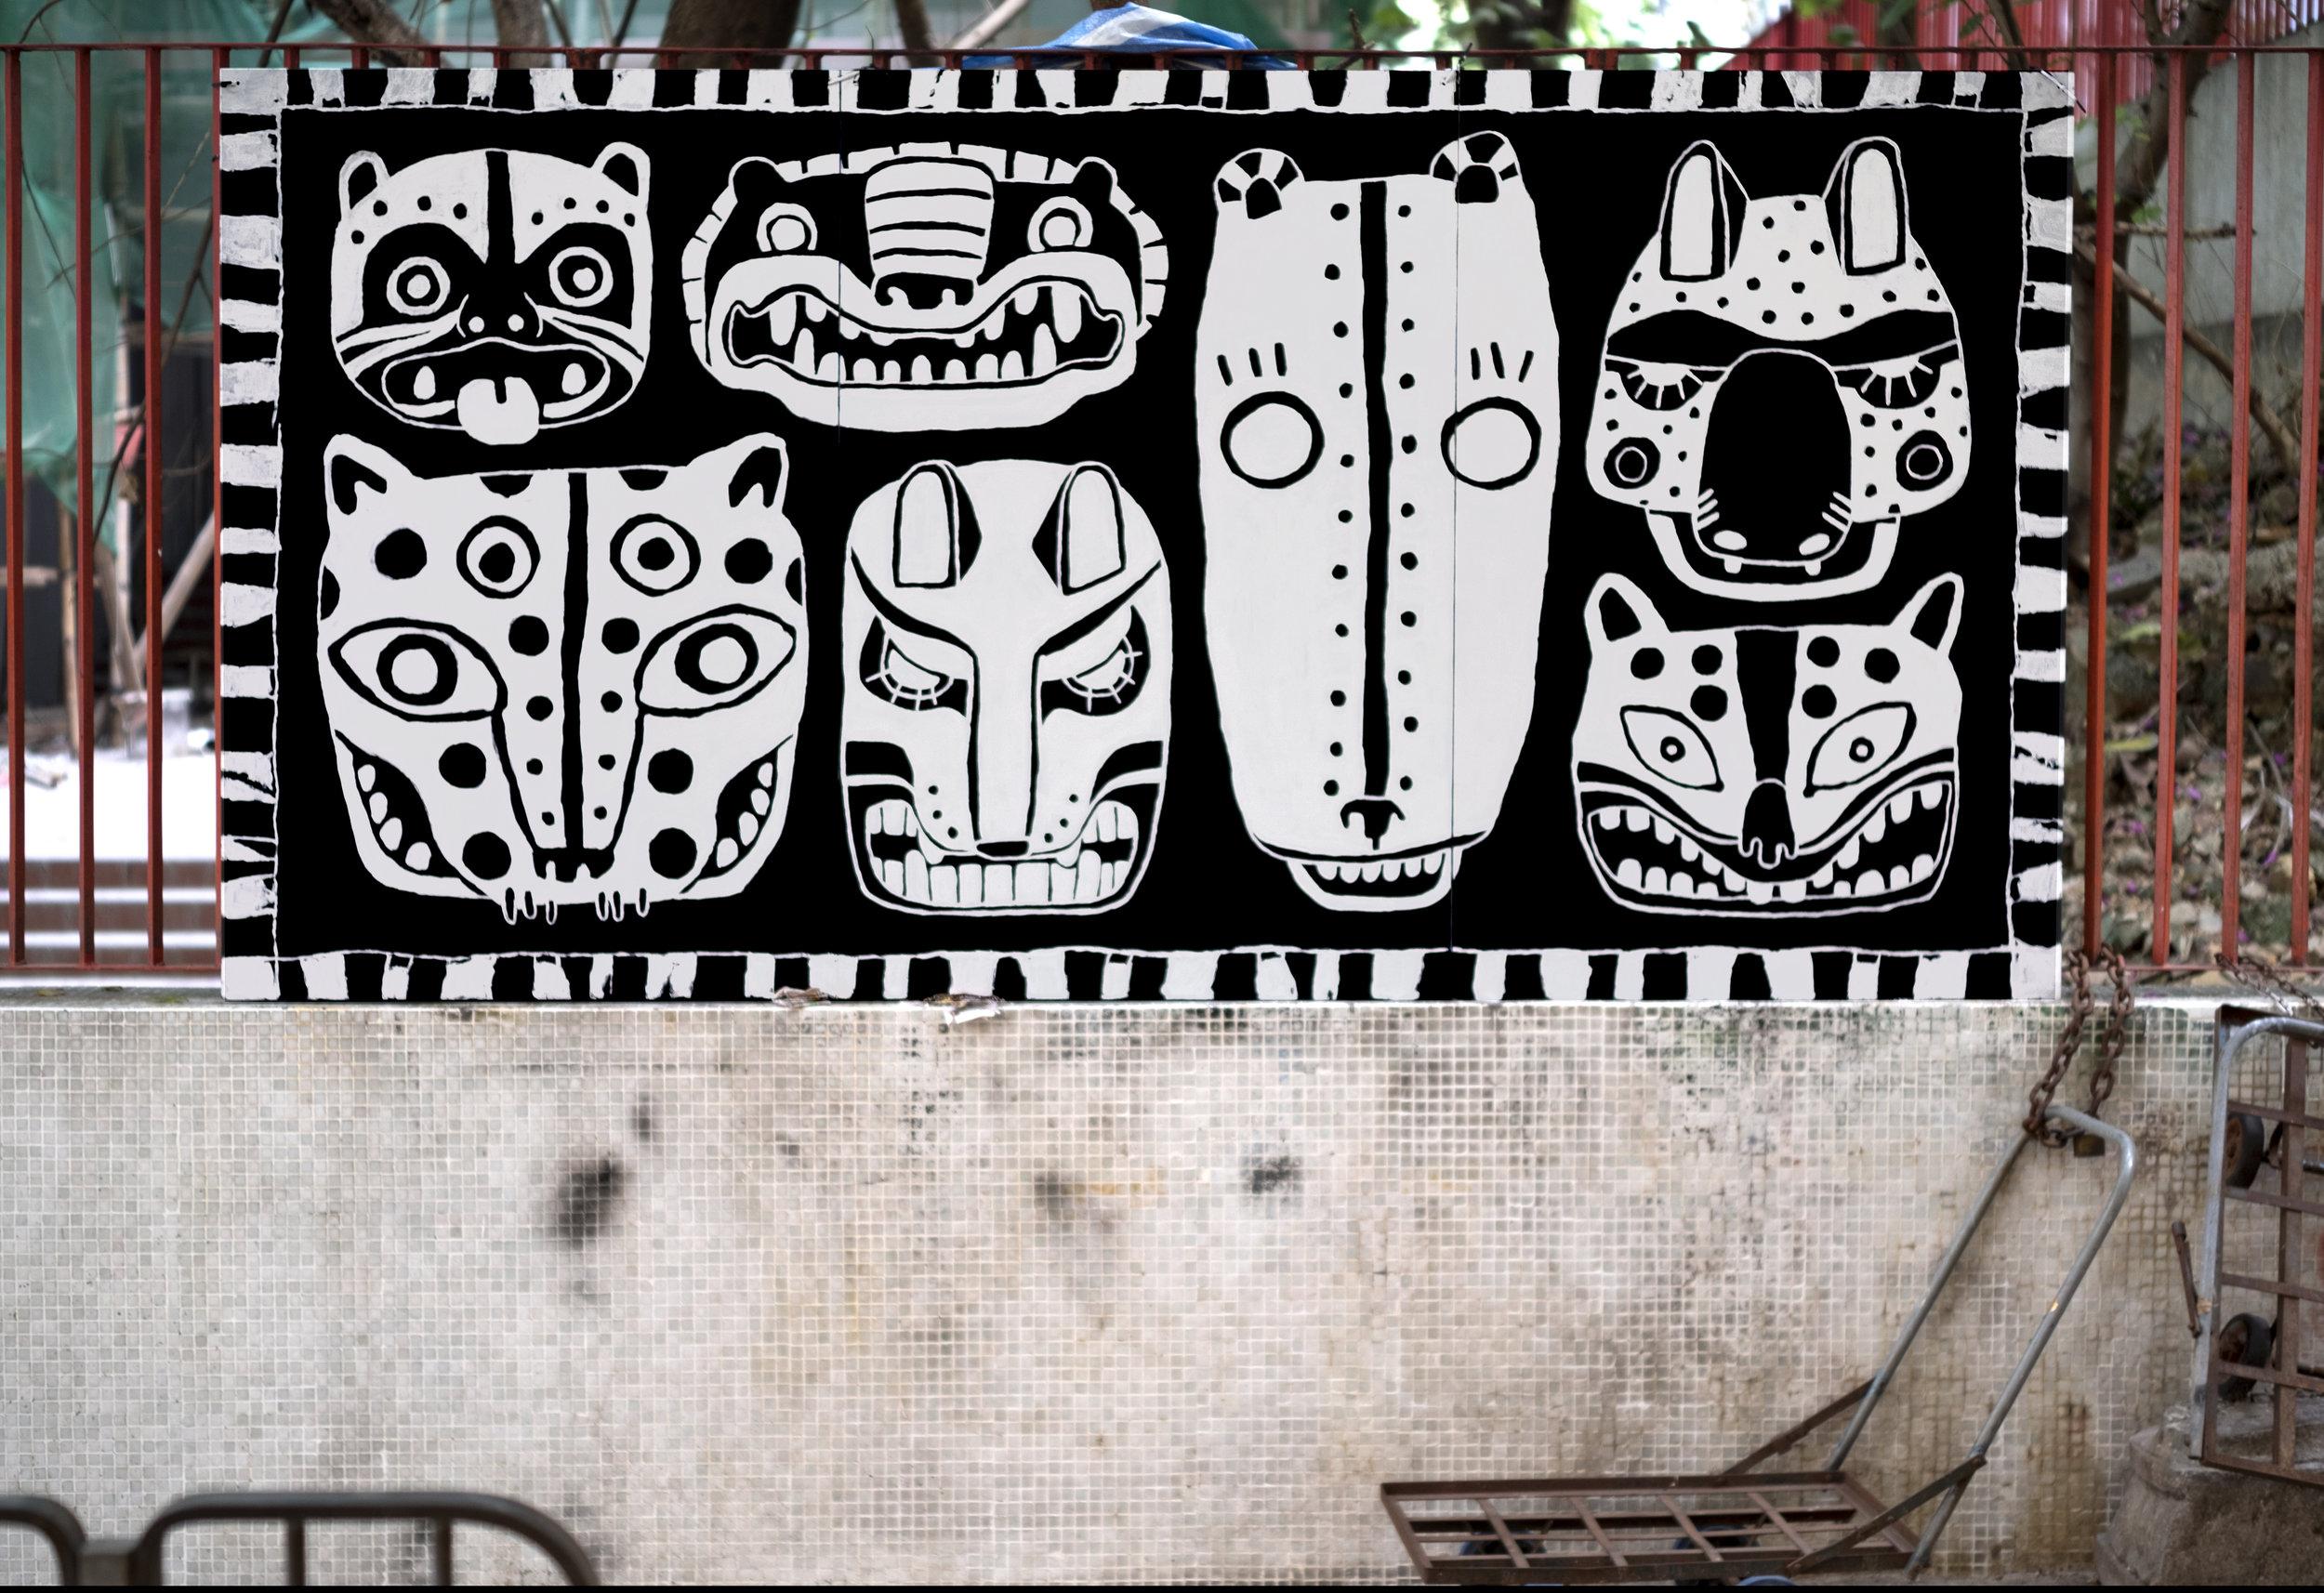 7 Masks - Fauve Radio Opening Party  Paint on wood panel, Sheung Wan, Hong Kong, 2017